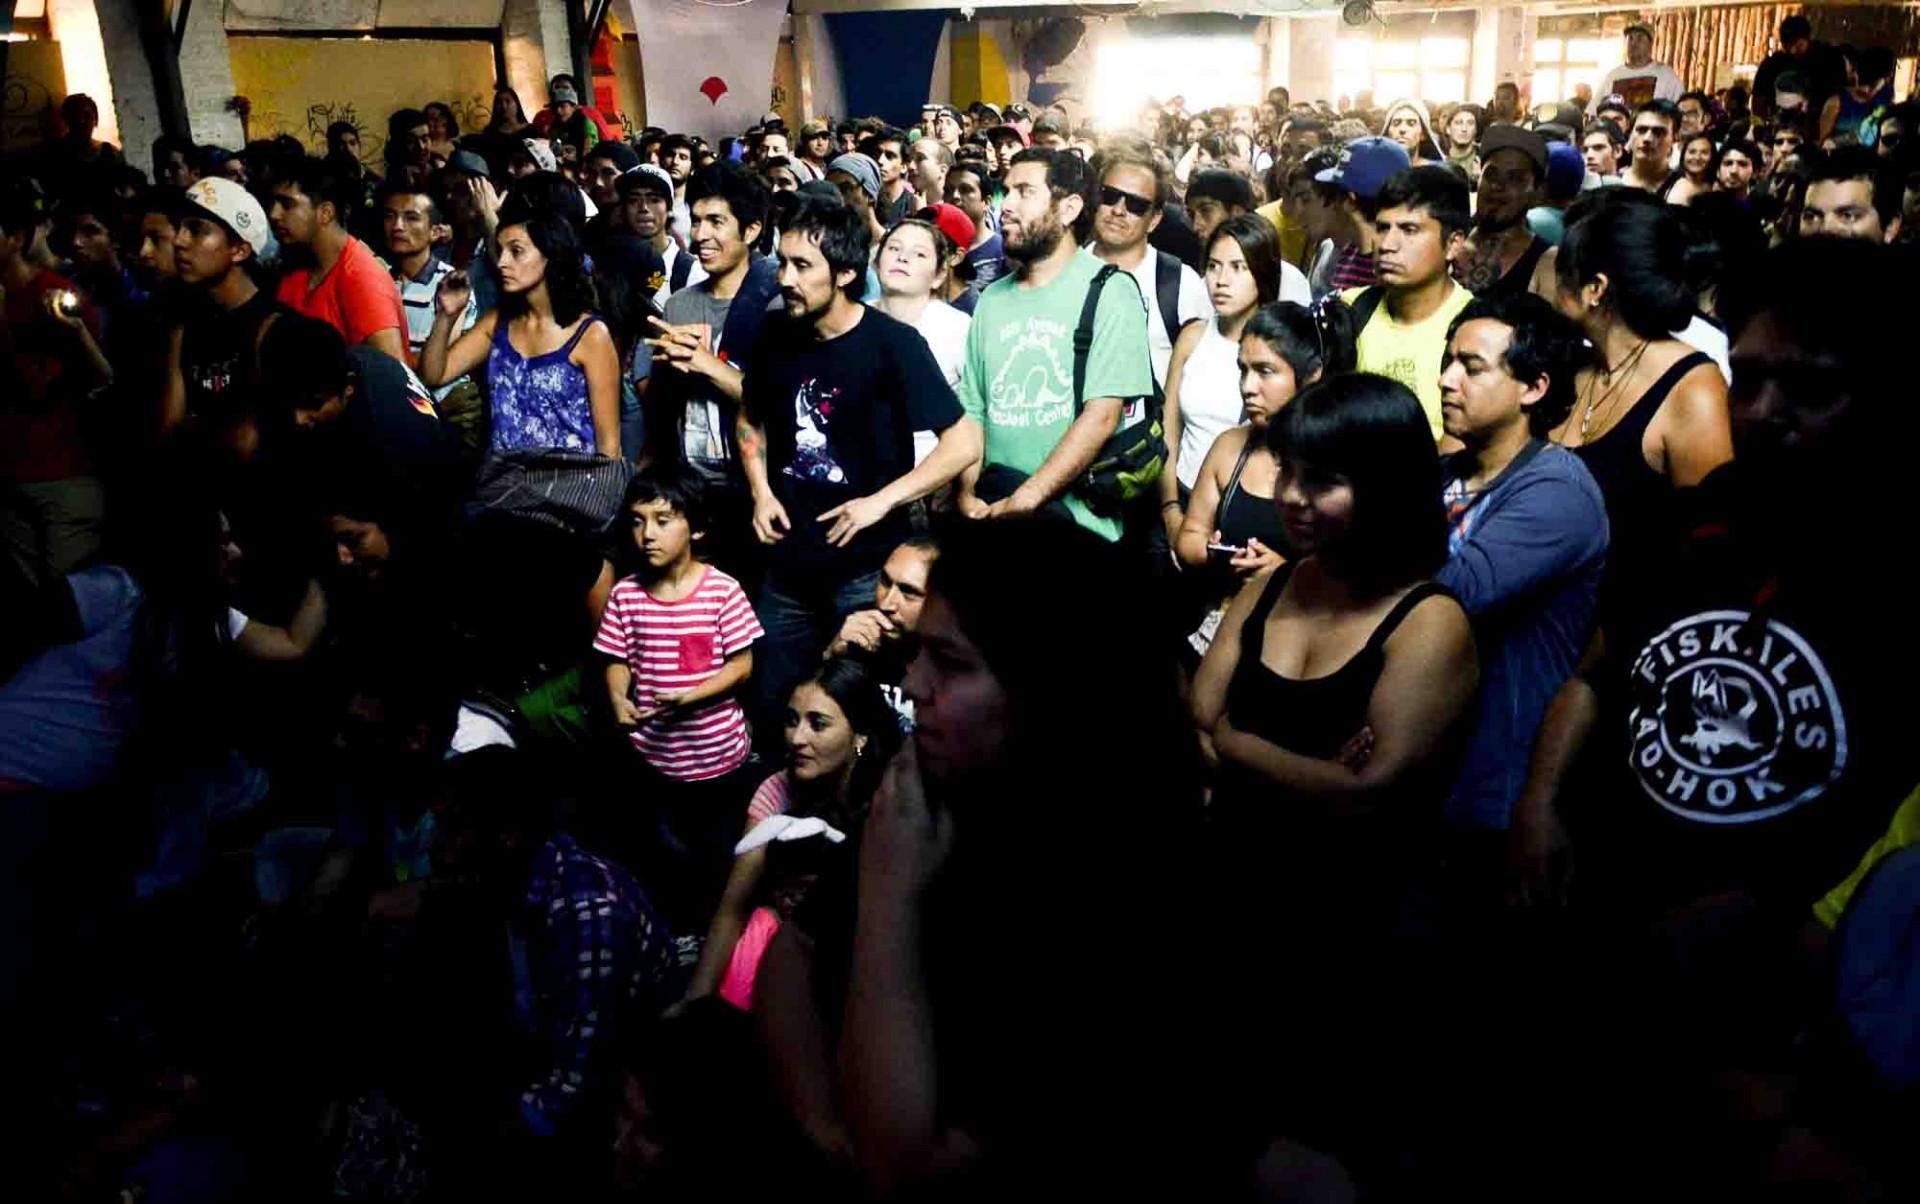 Los que se pasearon por las diversas actividades del Rockódromo 2015 se fueron satisfechos.